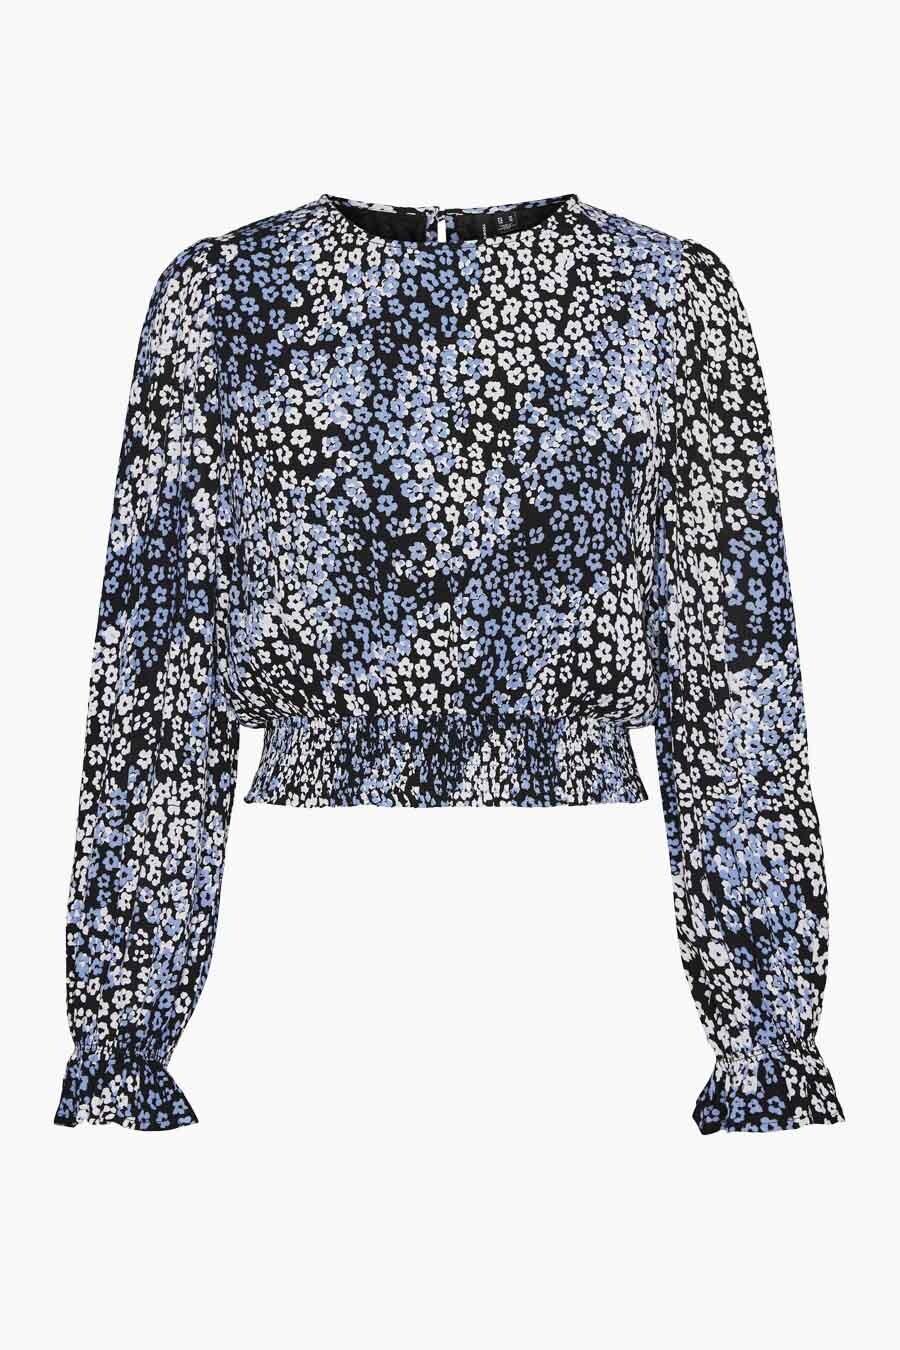 Vero Moda® Blouse lange mouwen, Multicolor, Dames, Maat: L/M/XL/XS